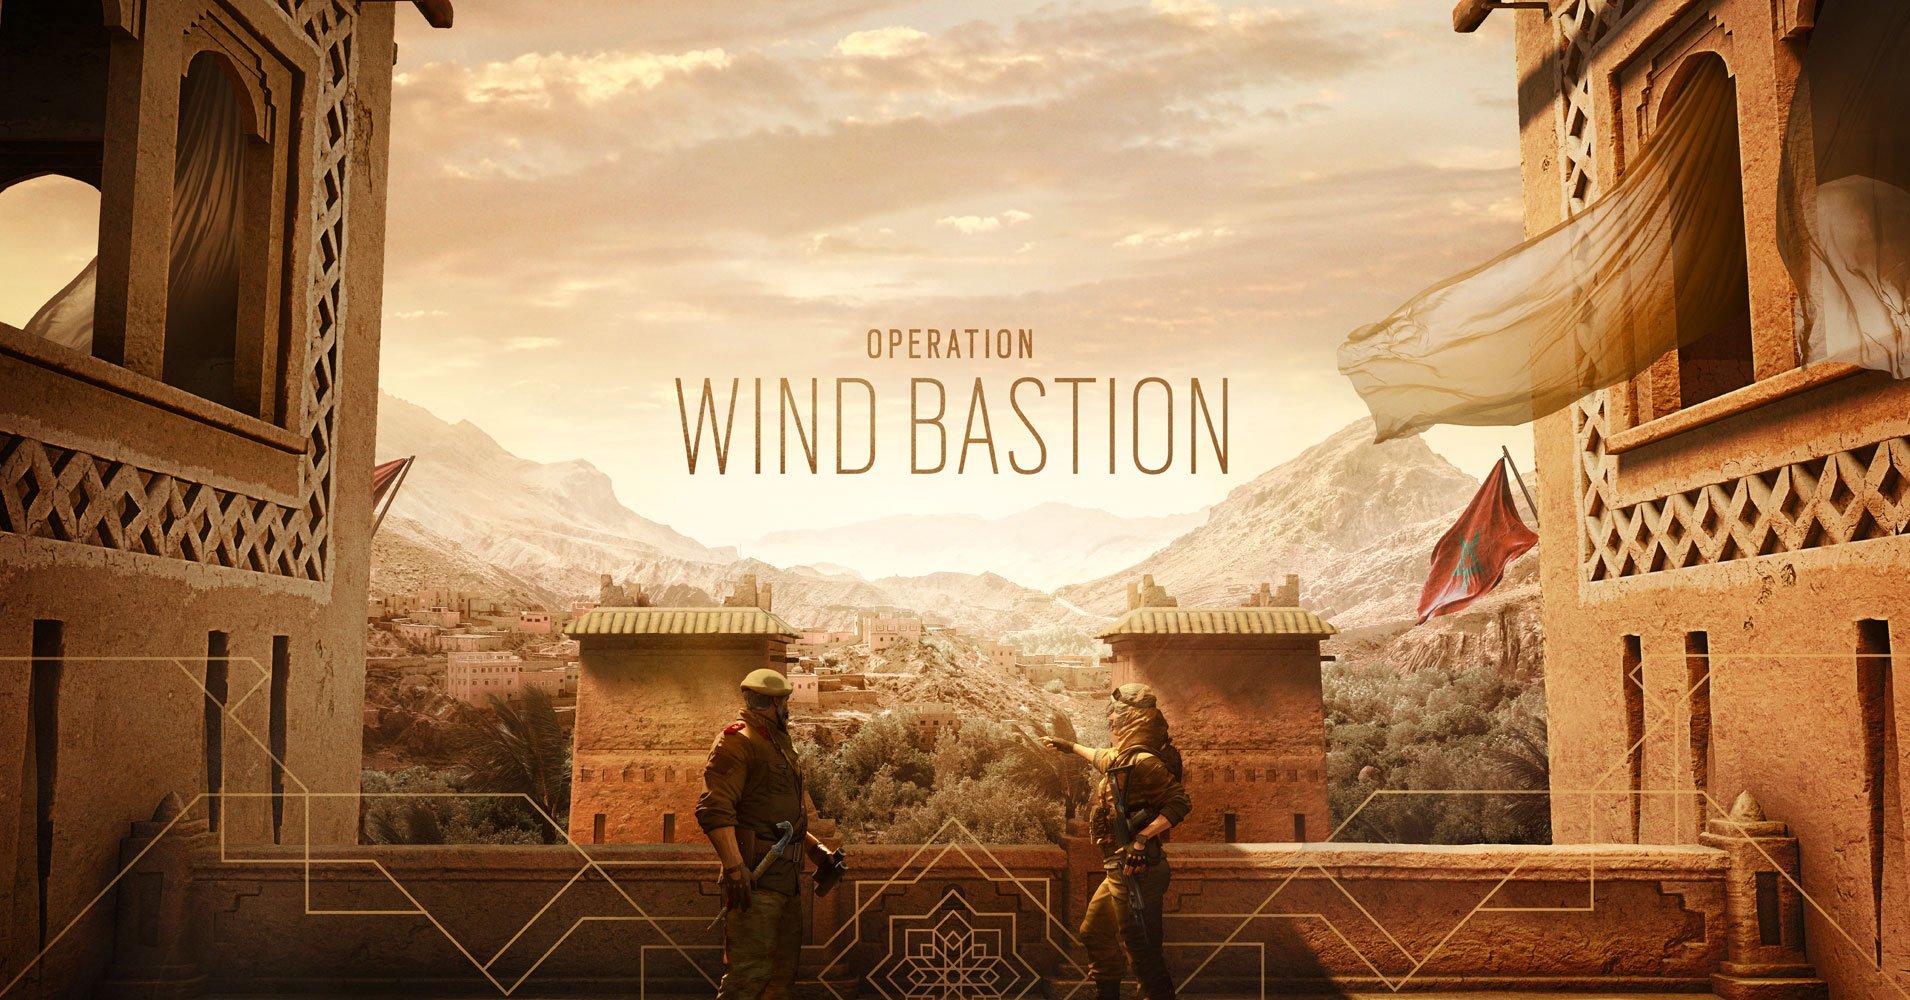 Tom Clancy's Rainbow Six Siege: Operation Wind Bastion